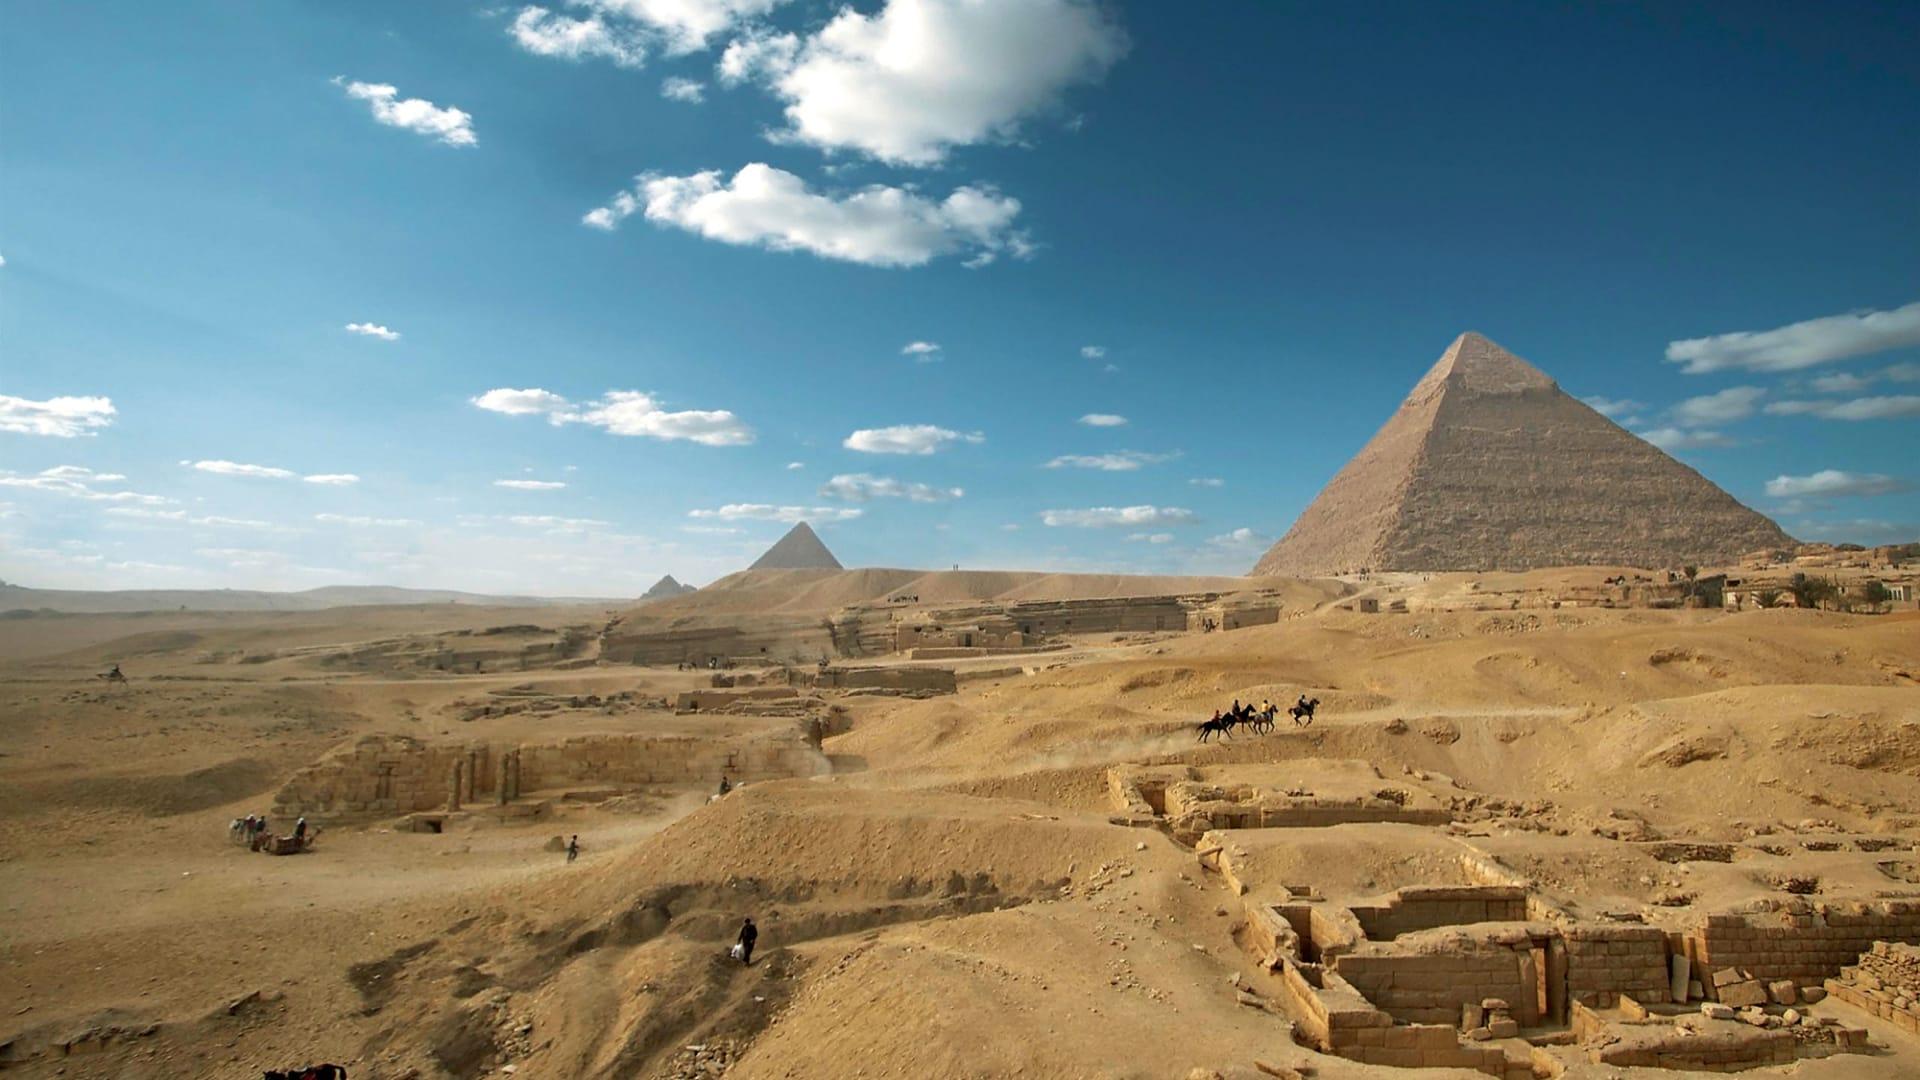 عجائب العالم القديم تلتقي بالحديث في مصر..هكذا ظهرت أهرامات الجيزة ومطار القاهرة وقناة السويس من الفضاء